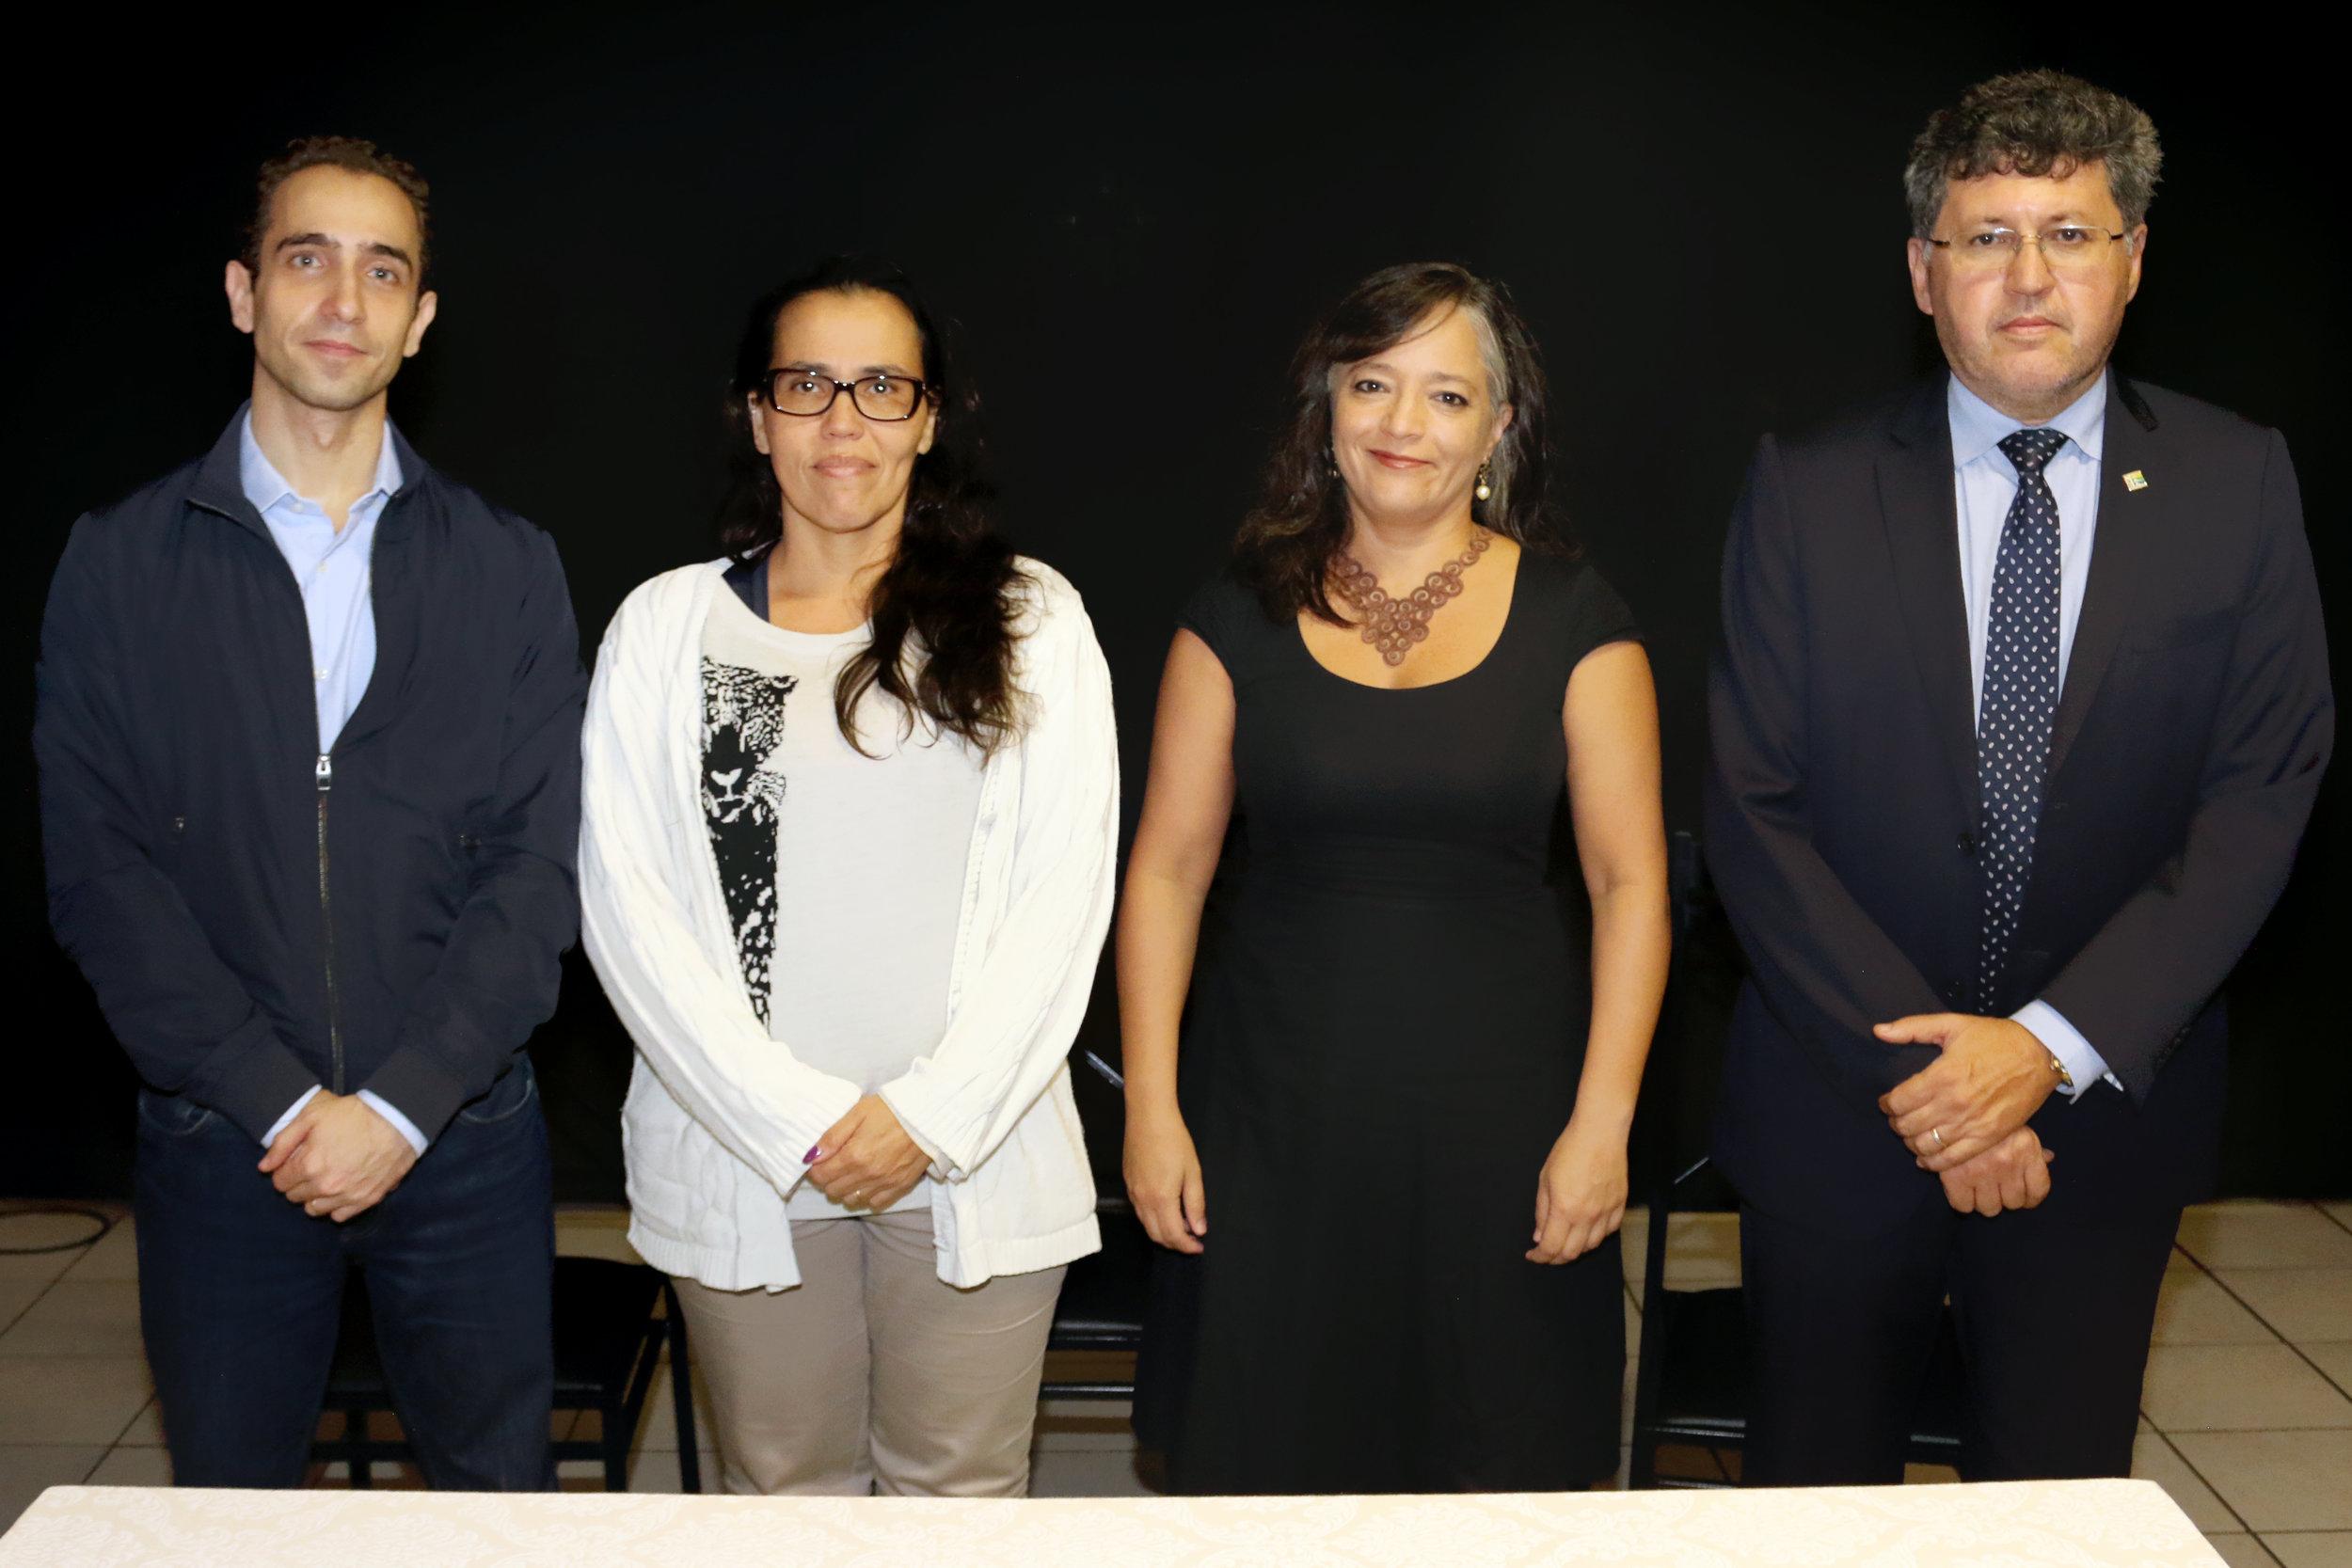 Novo Conselho da ANESP: Matheus Azevedo, Regina Luna, Leila Ollaik e Alex Machado.